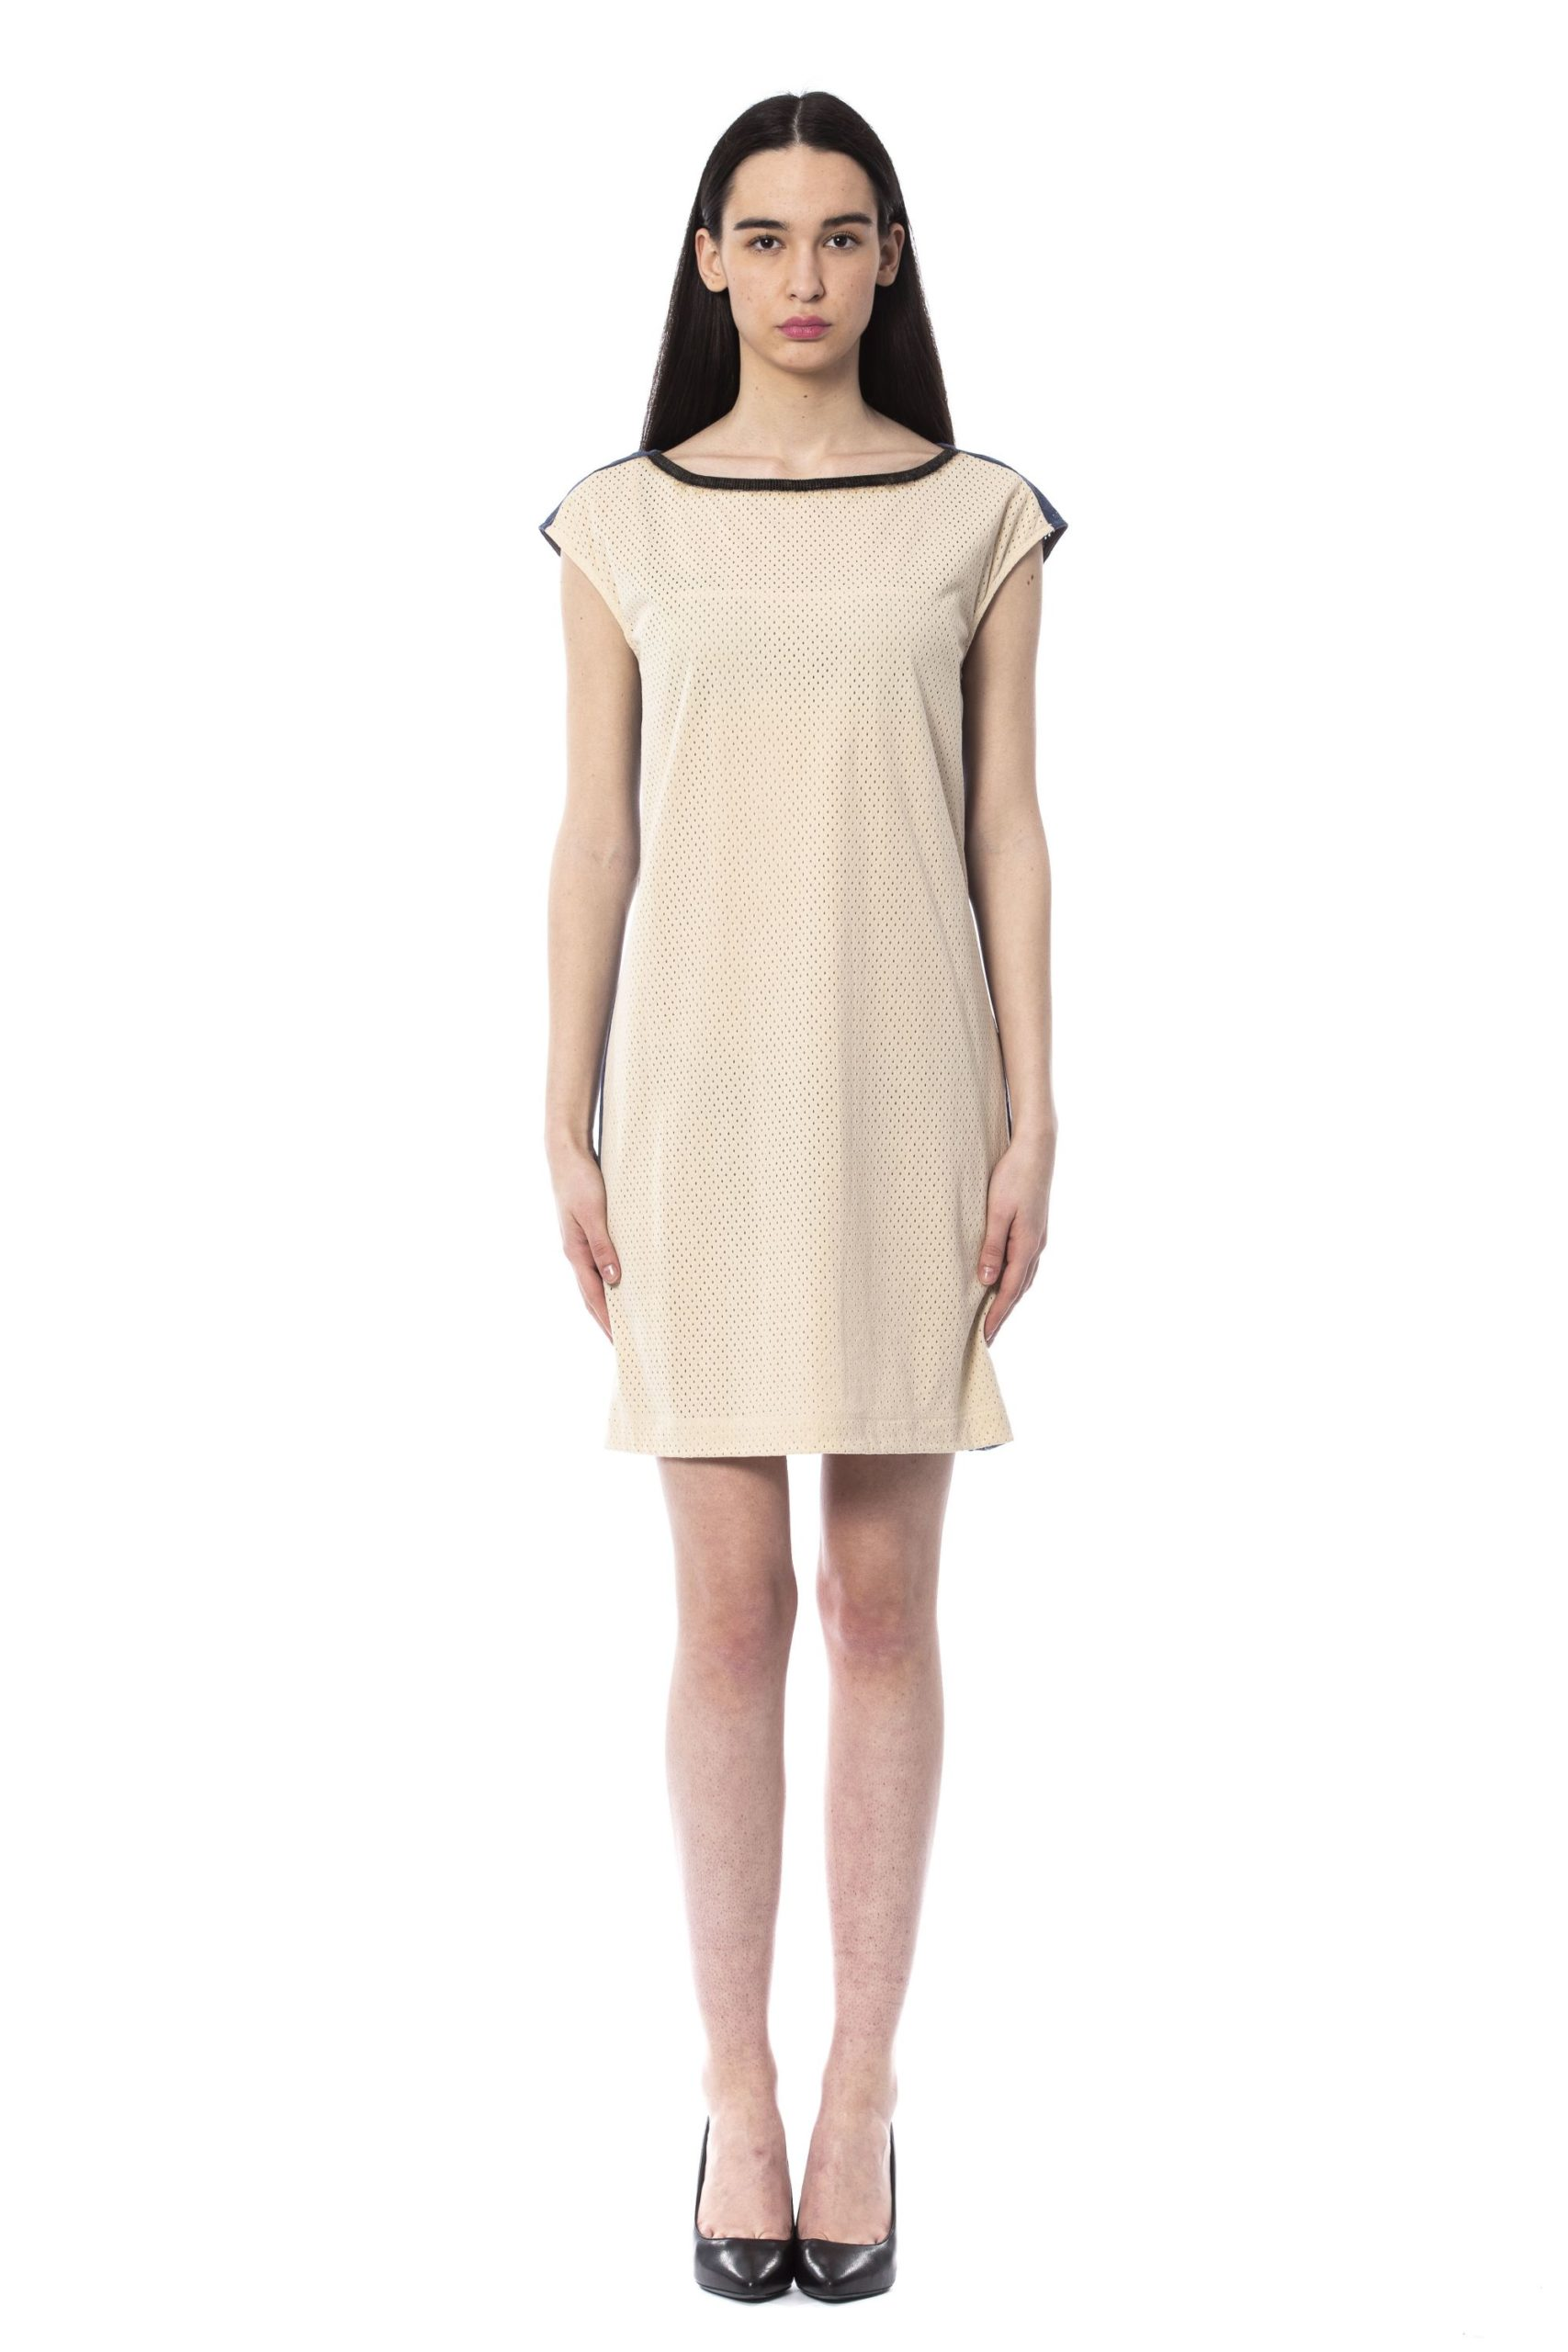 Byblos Women's Avorio Dress Beige BY994746 - IT40   XS